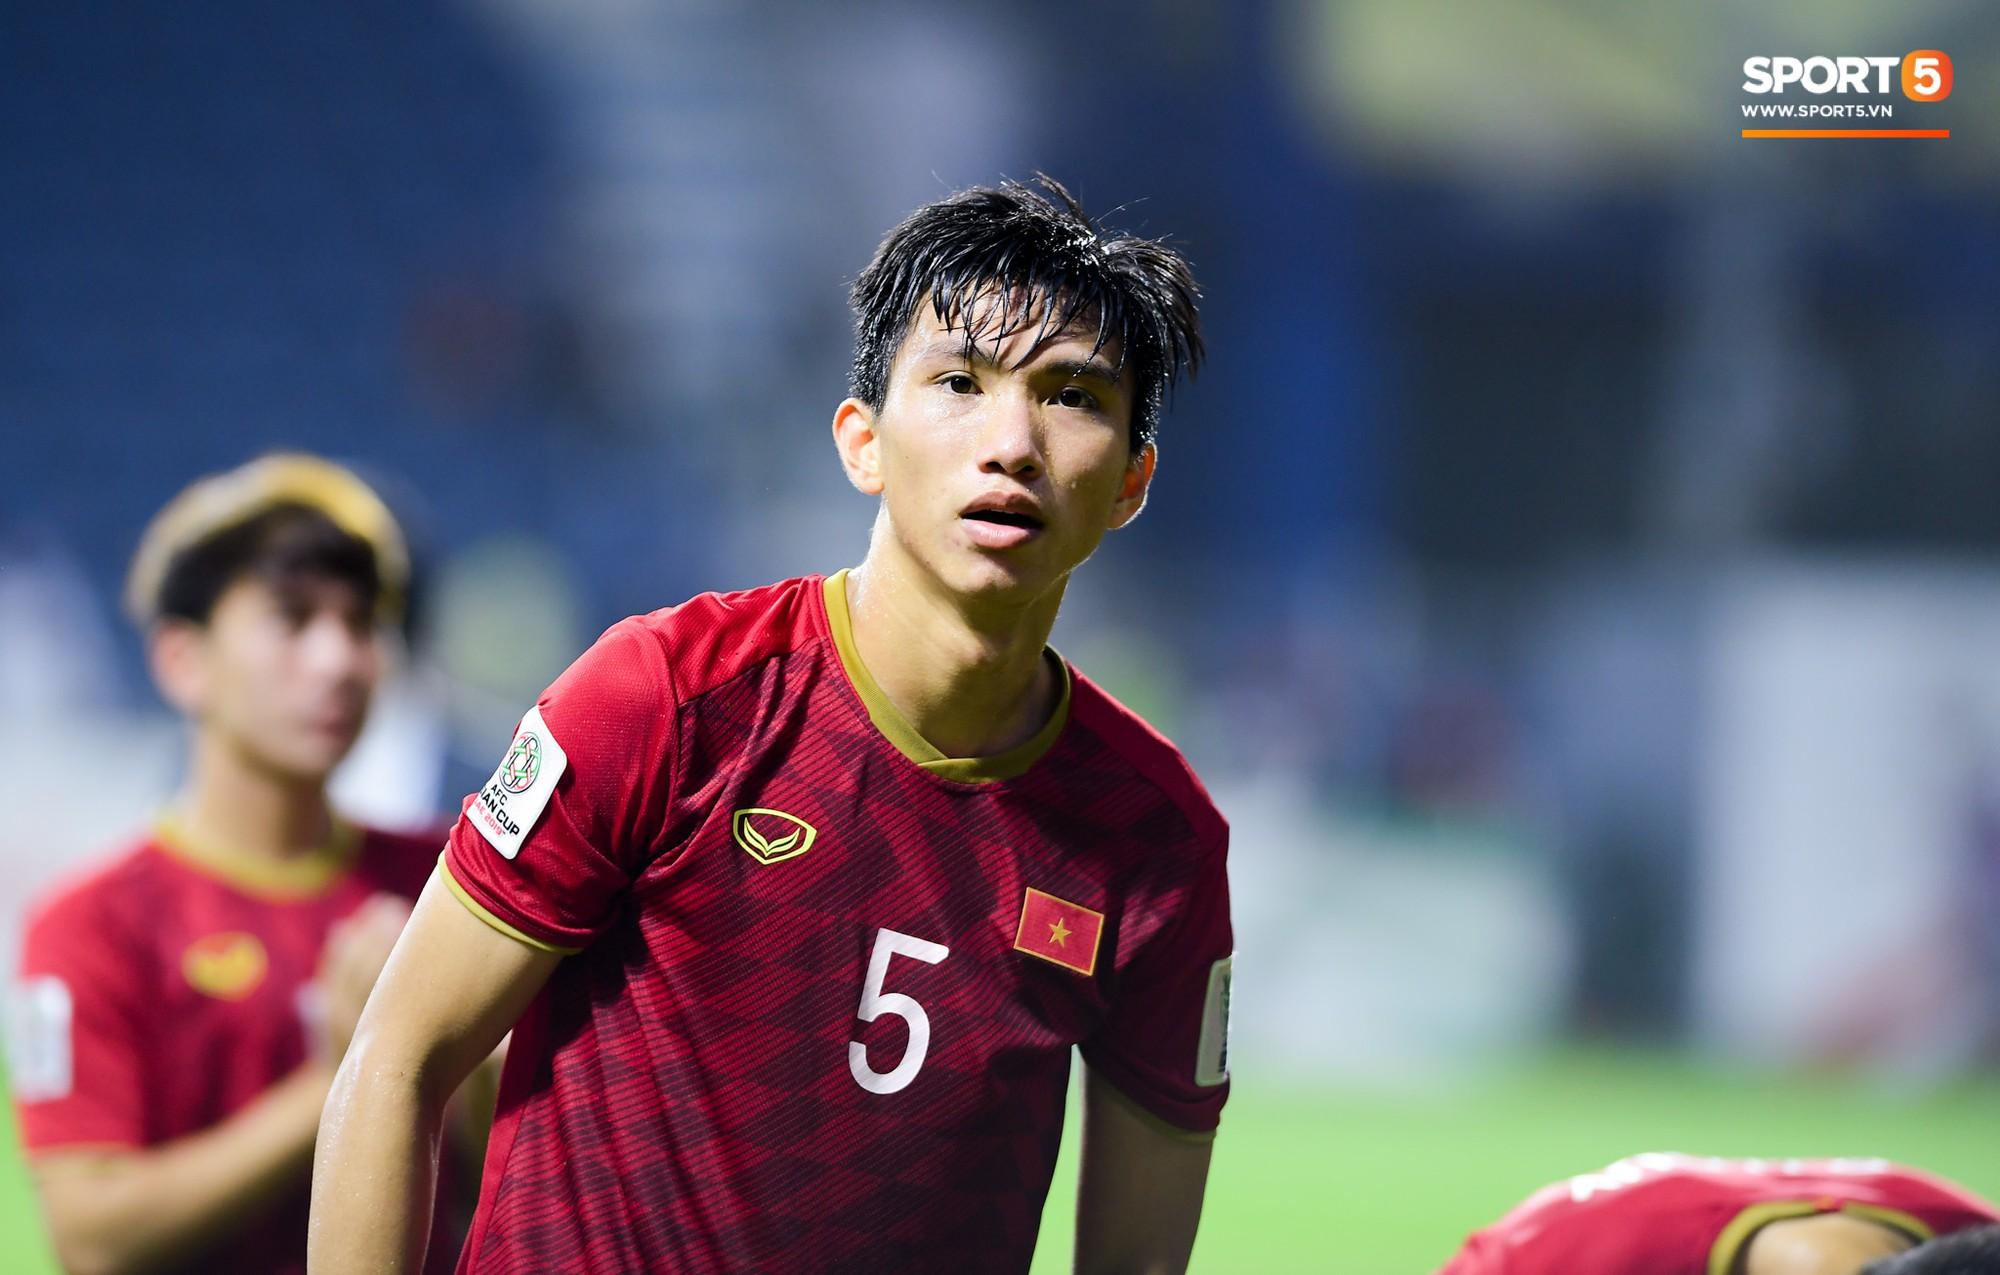 VZN News: Văn Hậu gia nhập đội bóng ở giải đấu số 1 Hà Lan, không sang Thái Lan cùng tuyển Việt Nam - Ảnh 1.